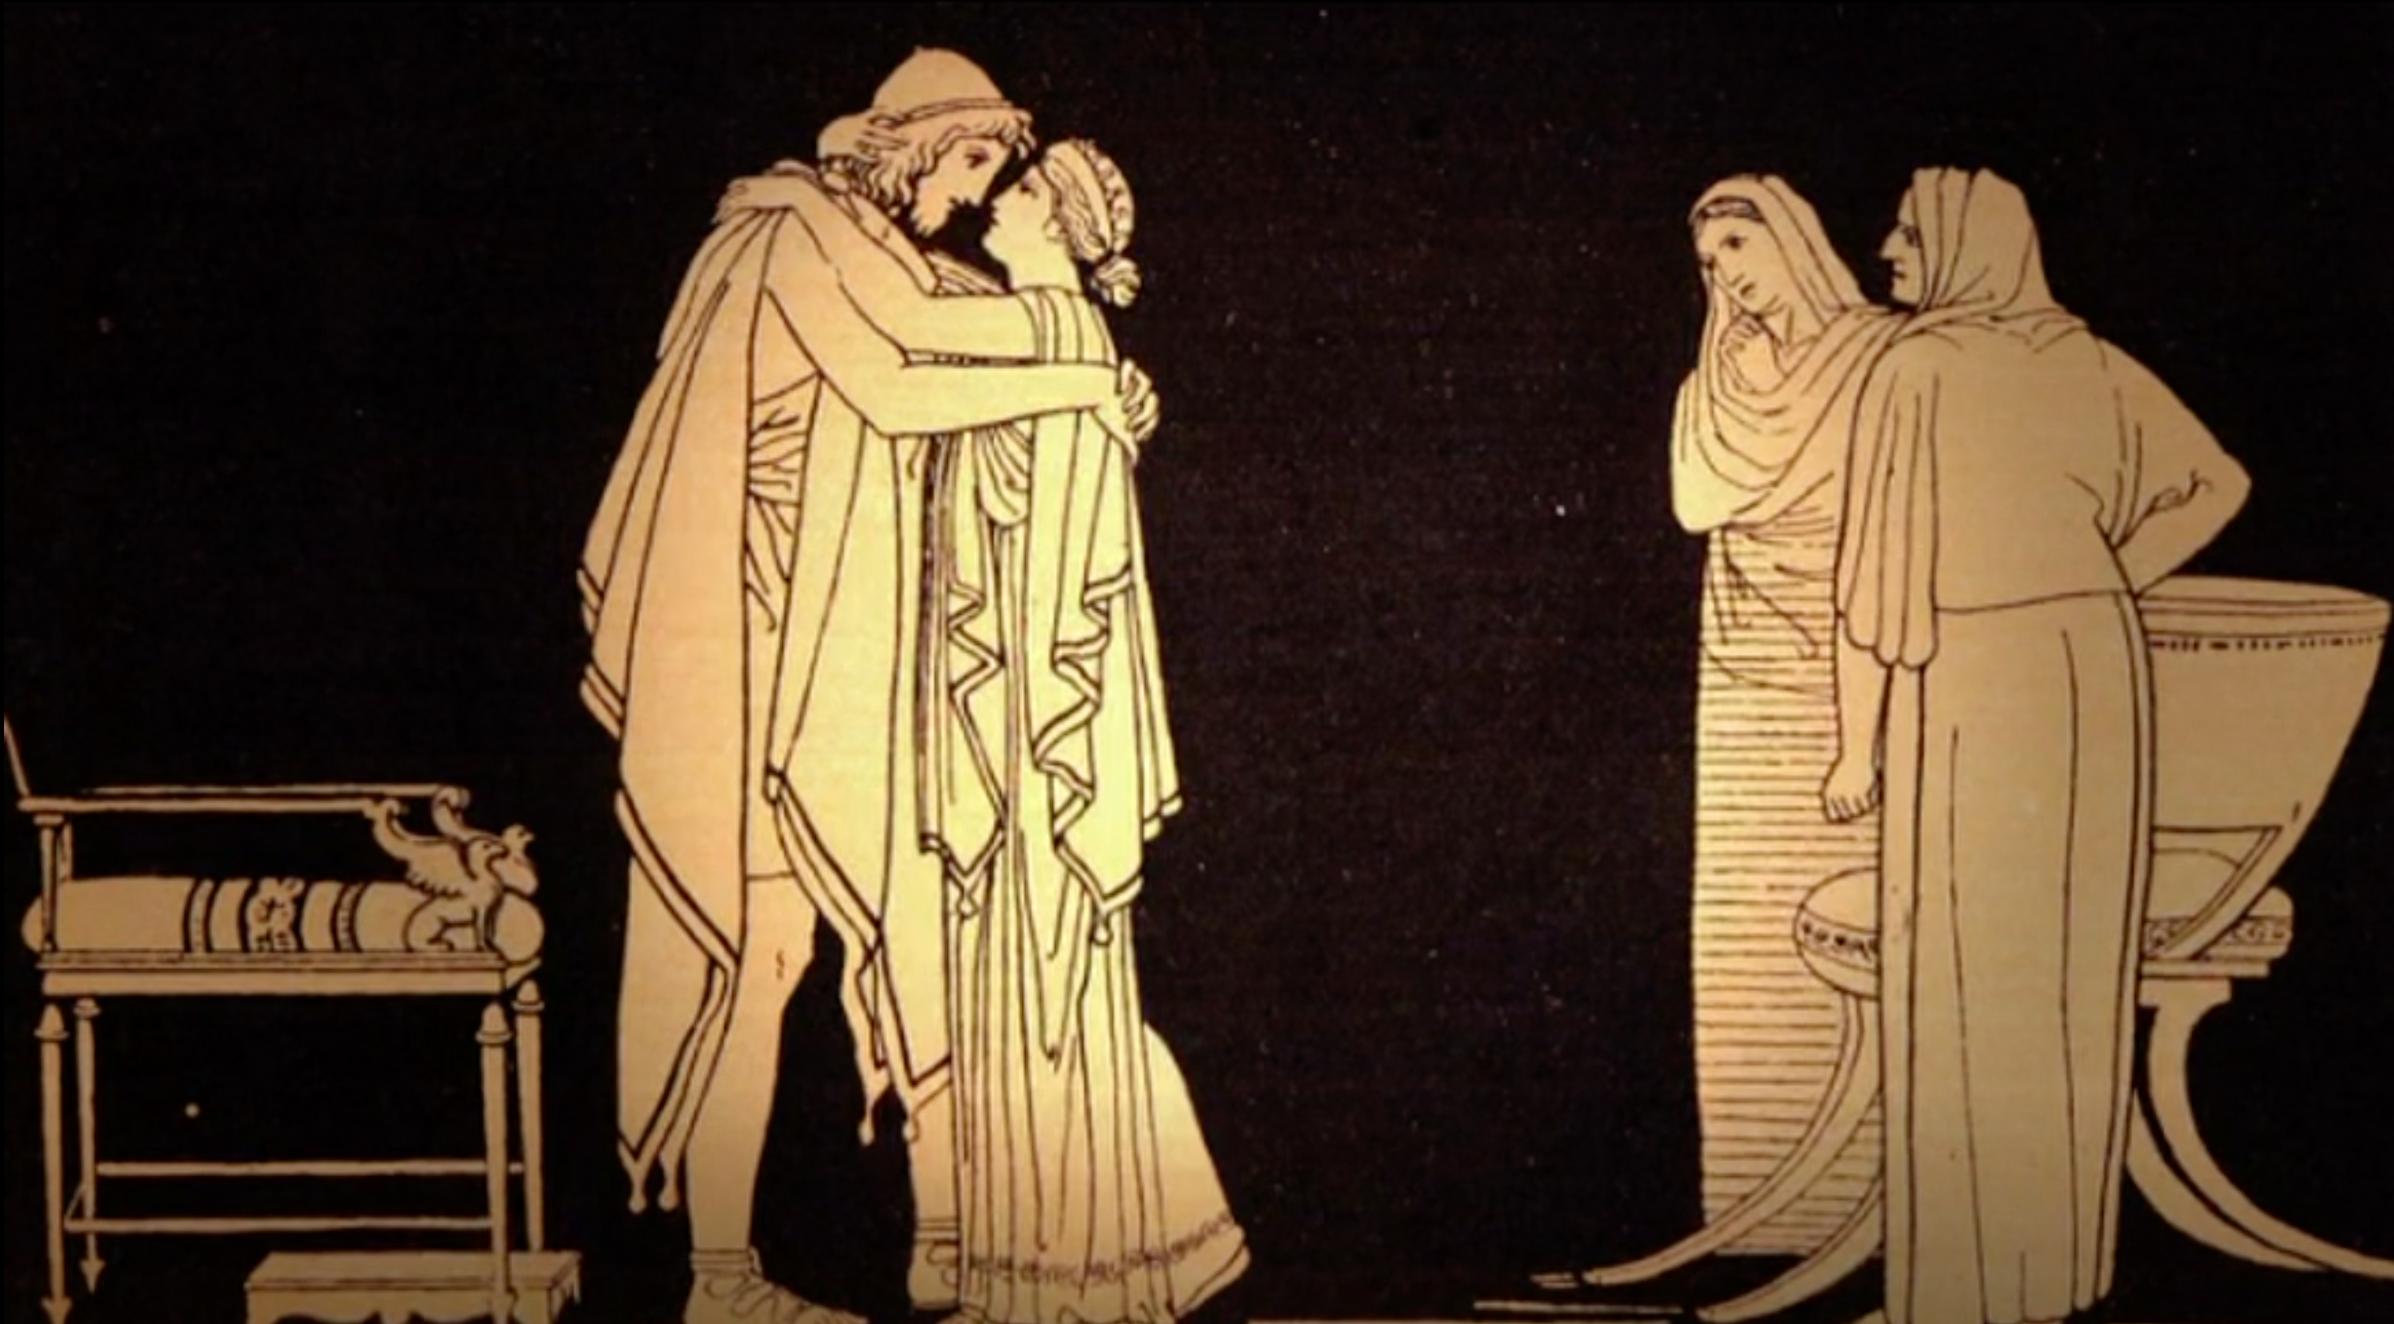 Penelope suitors odysseus Odysseus